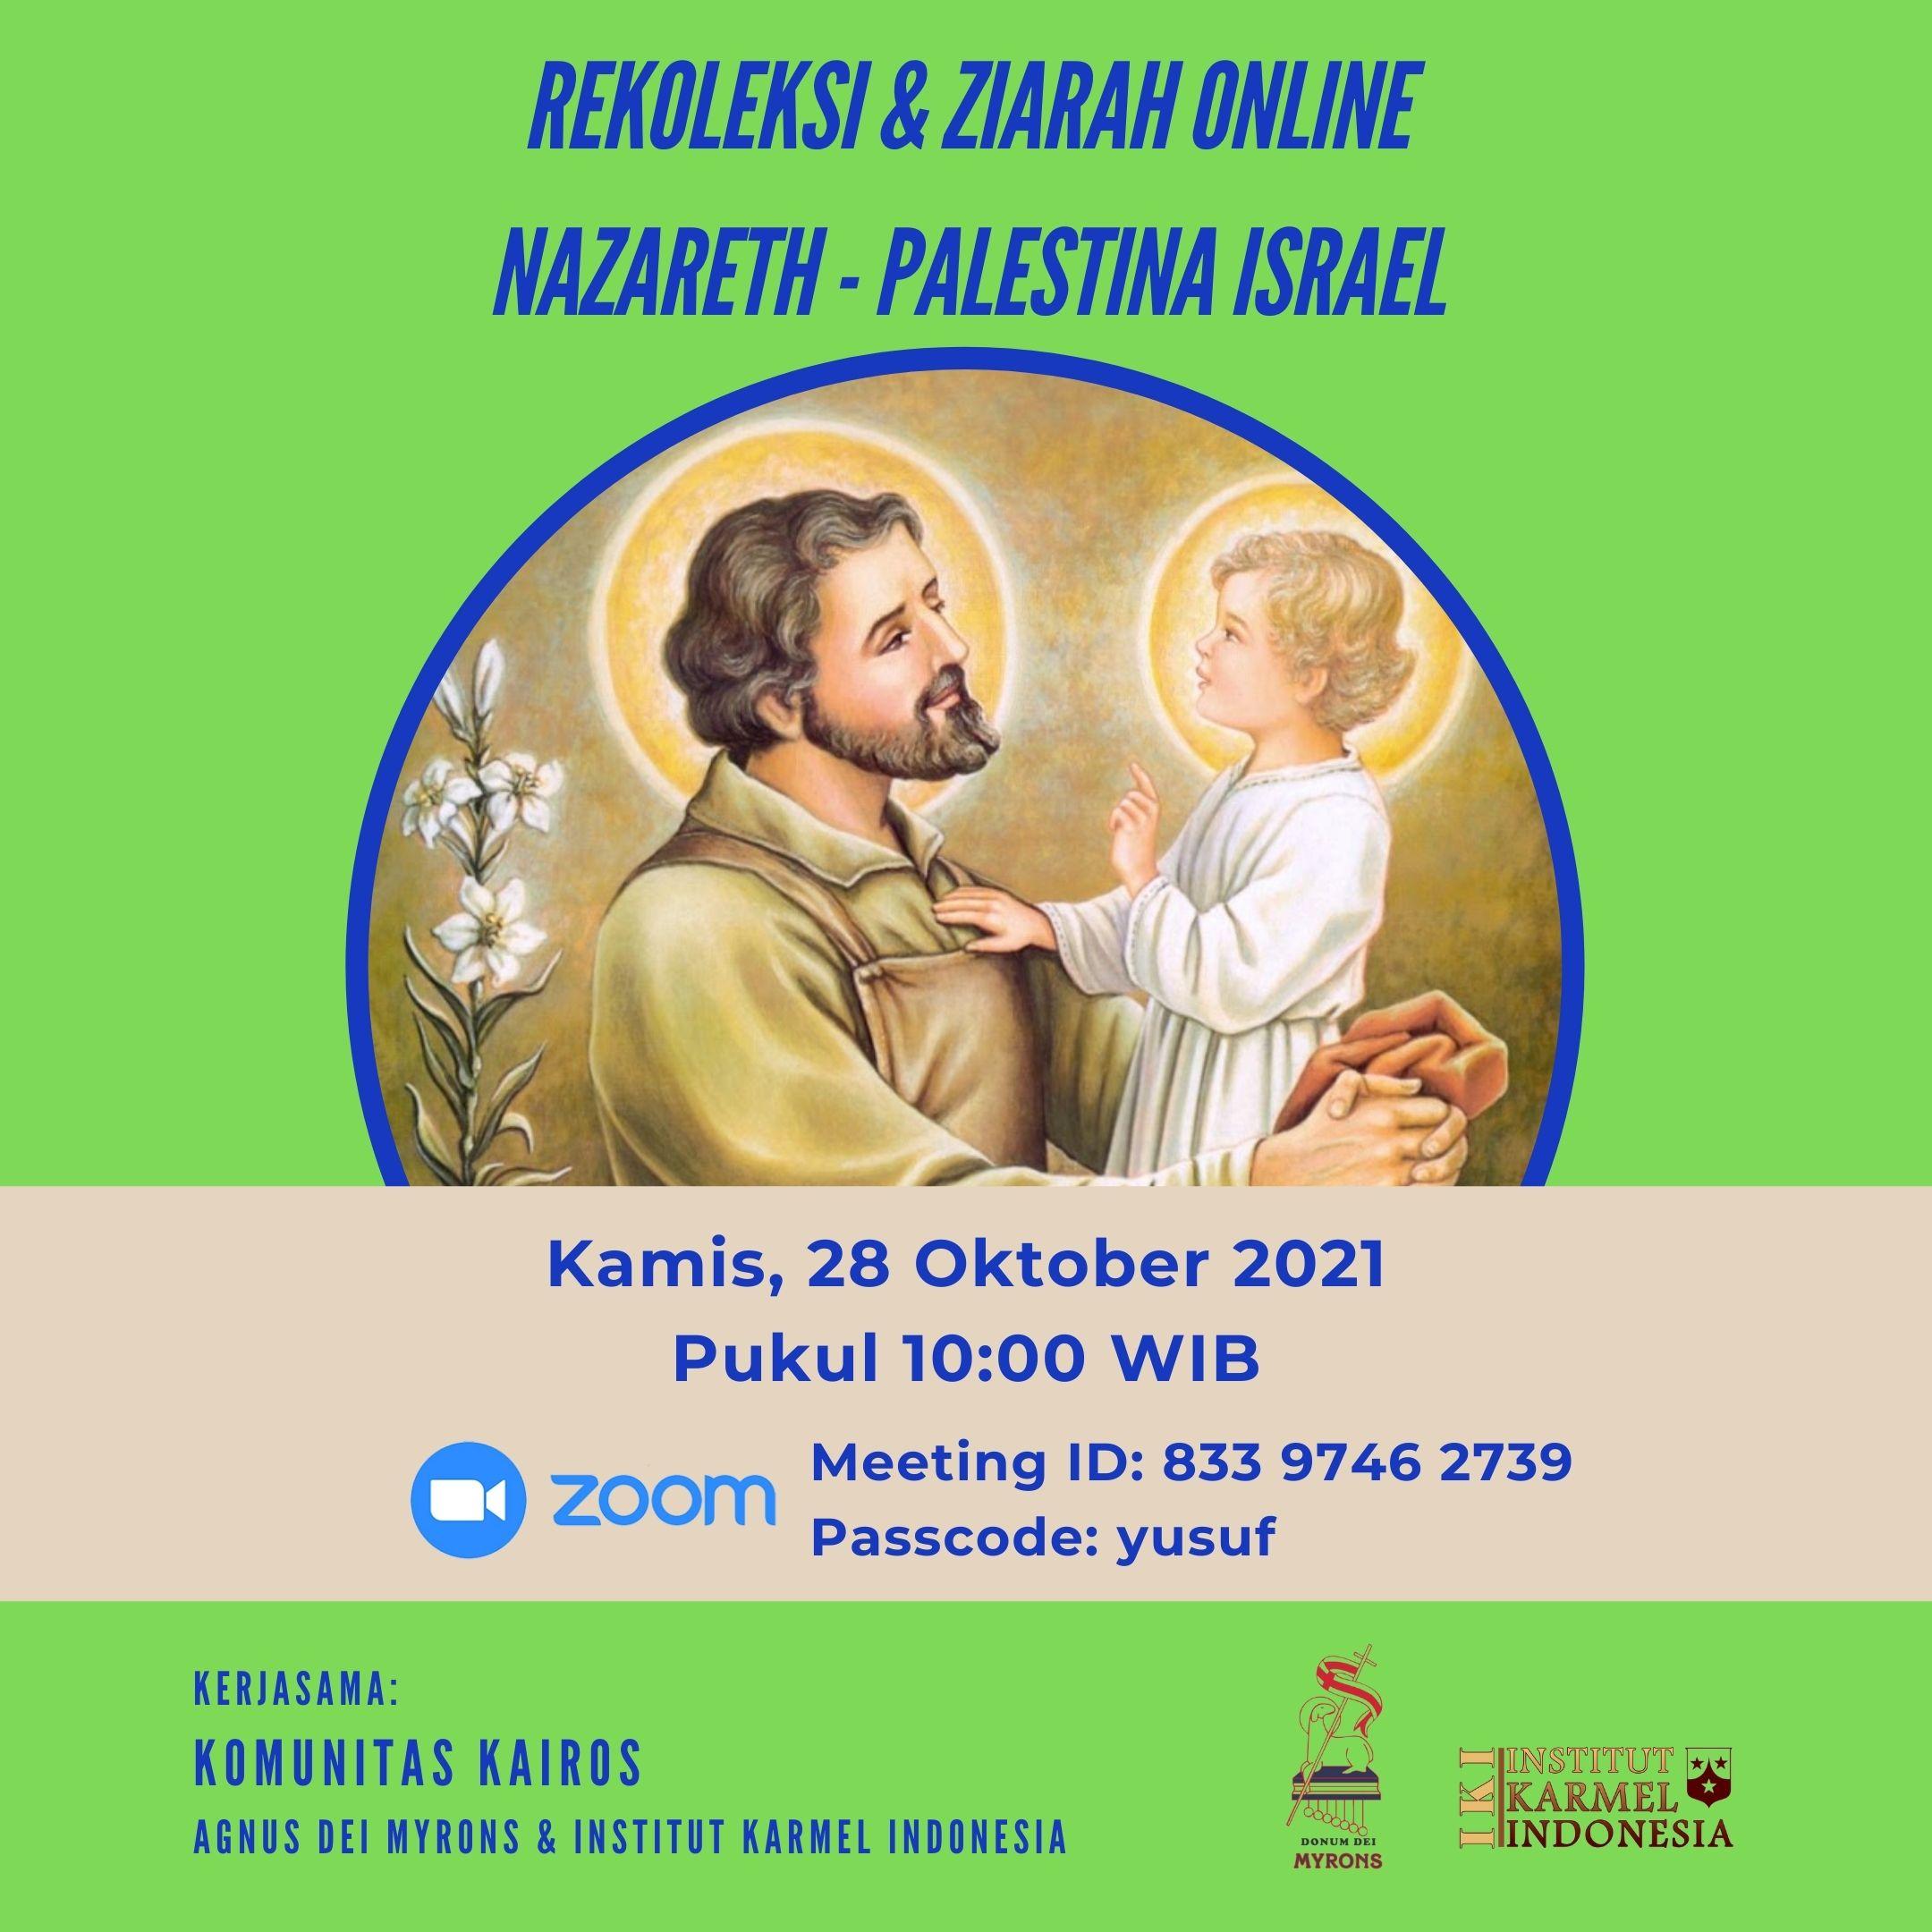 Rekoleksi dan Ziarah Online bersama Komunitas Kairos